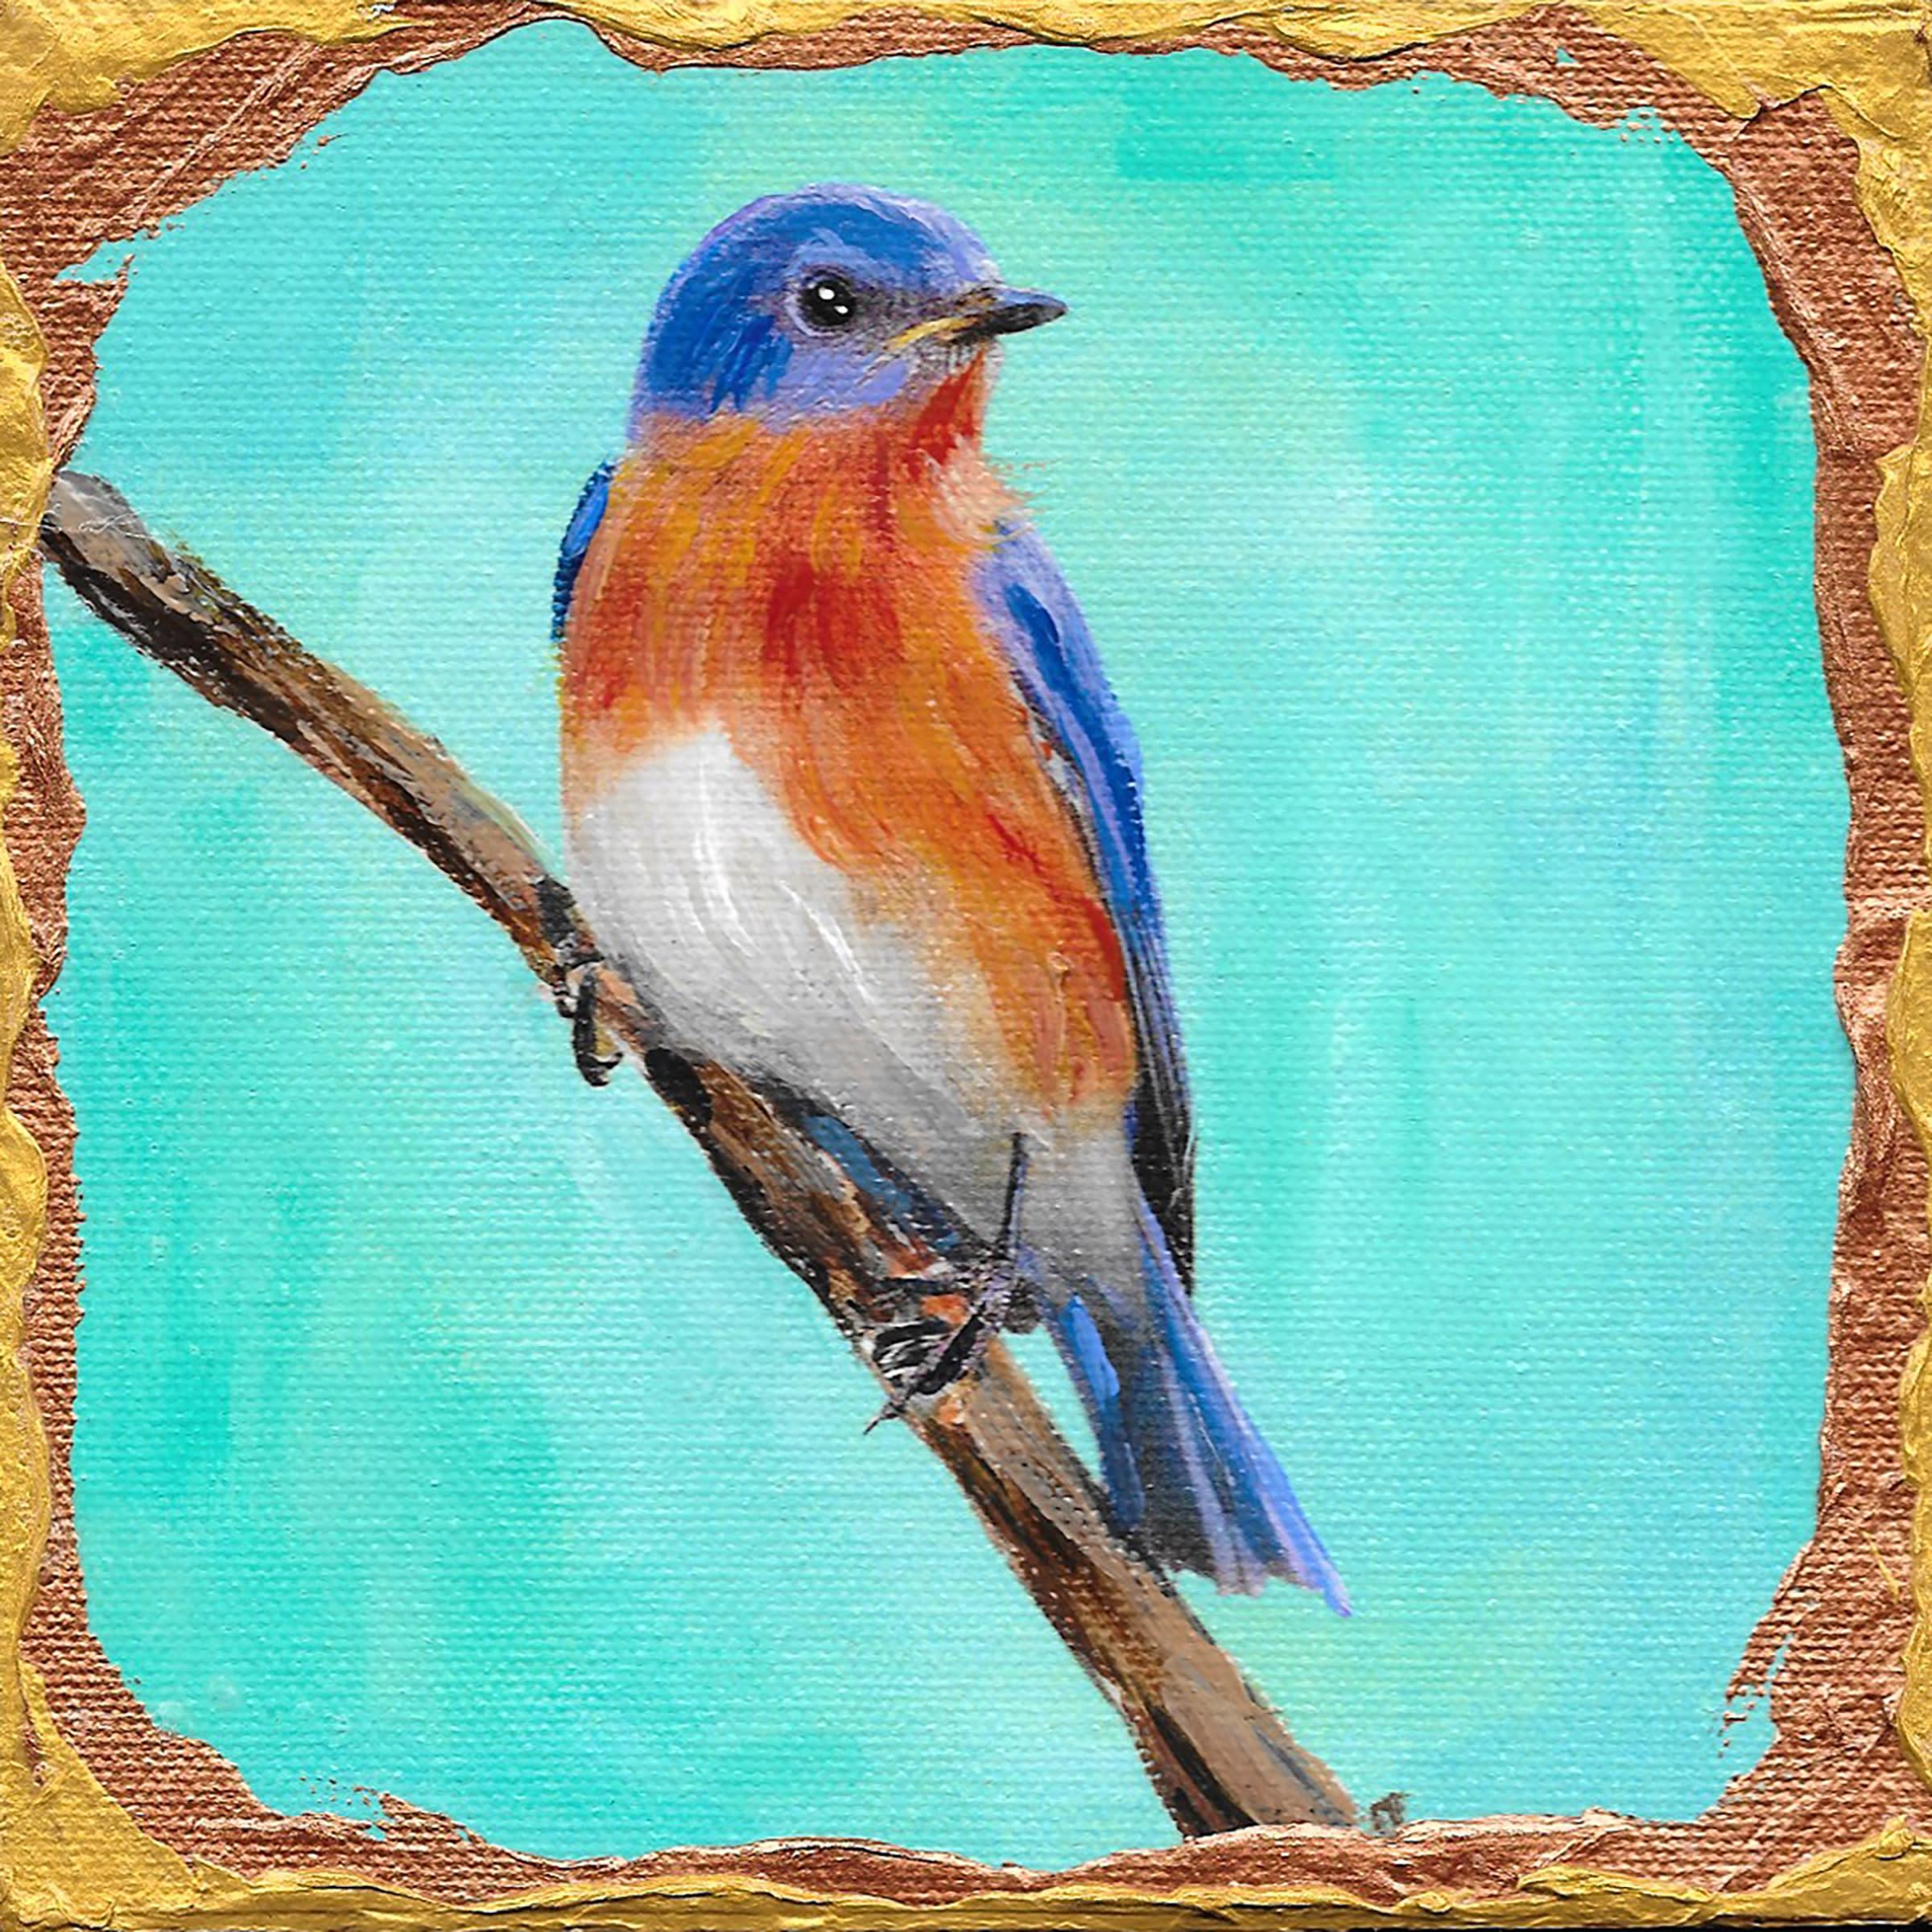 Eastern bluebird hjr8qk